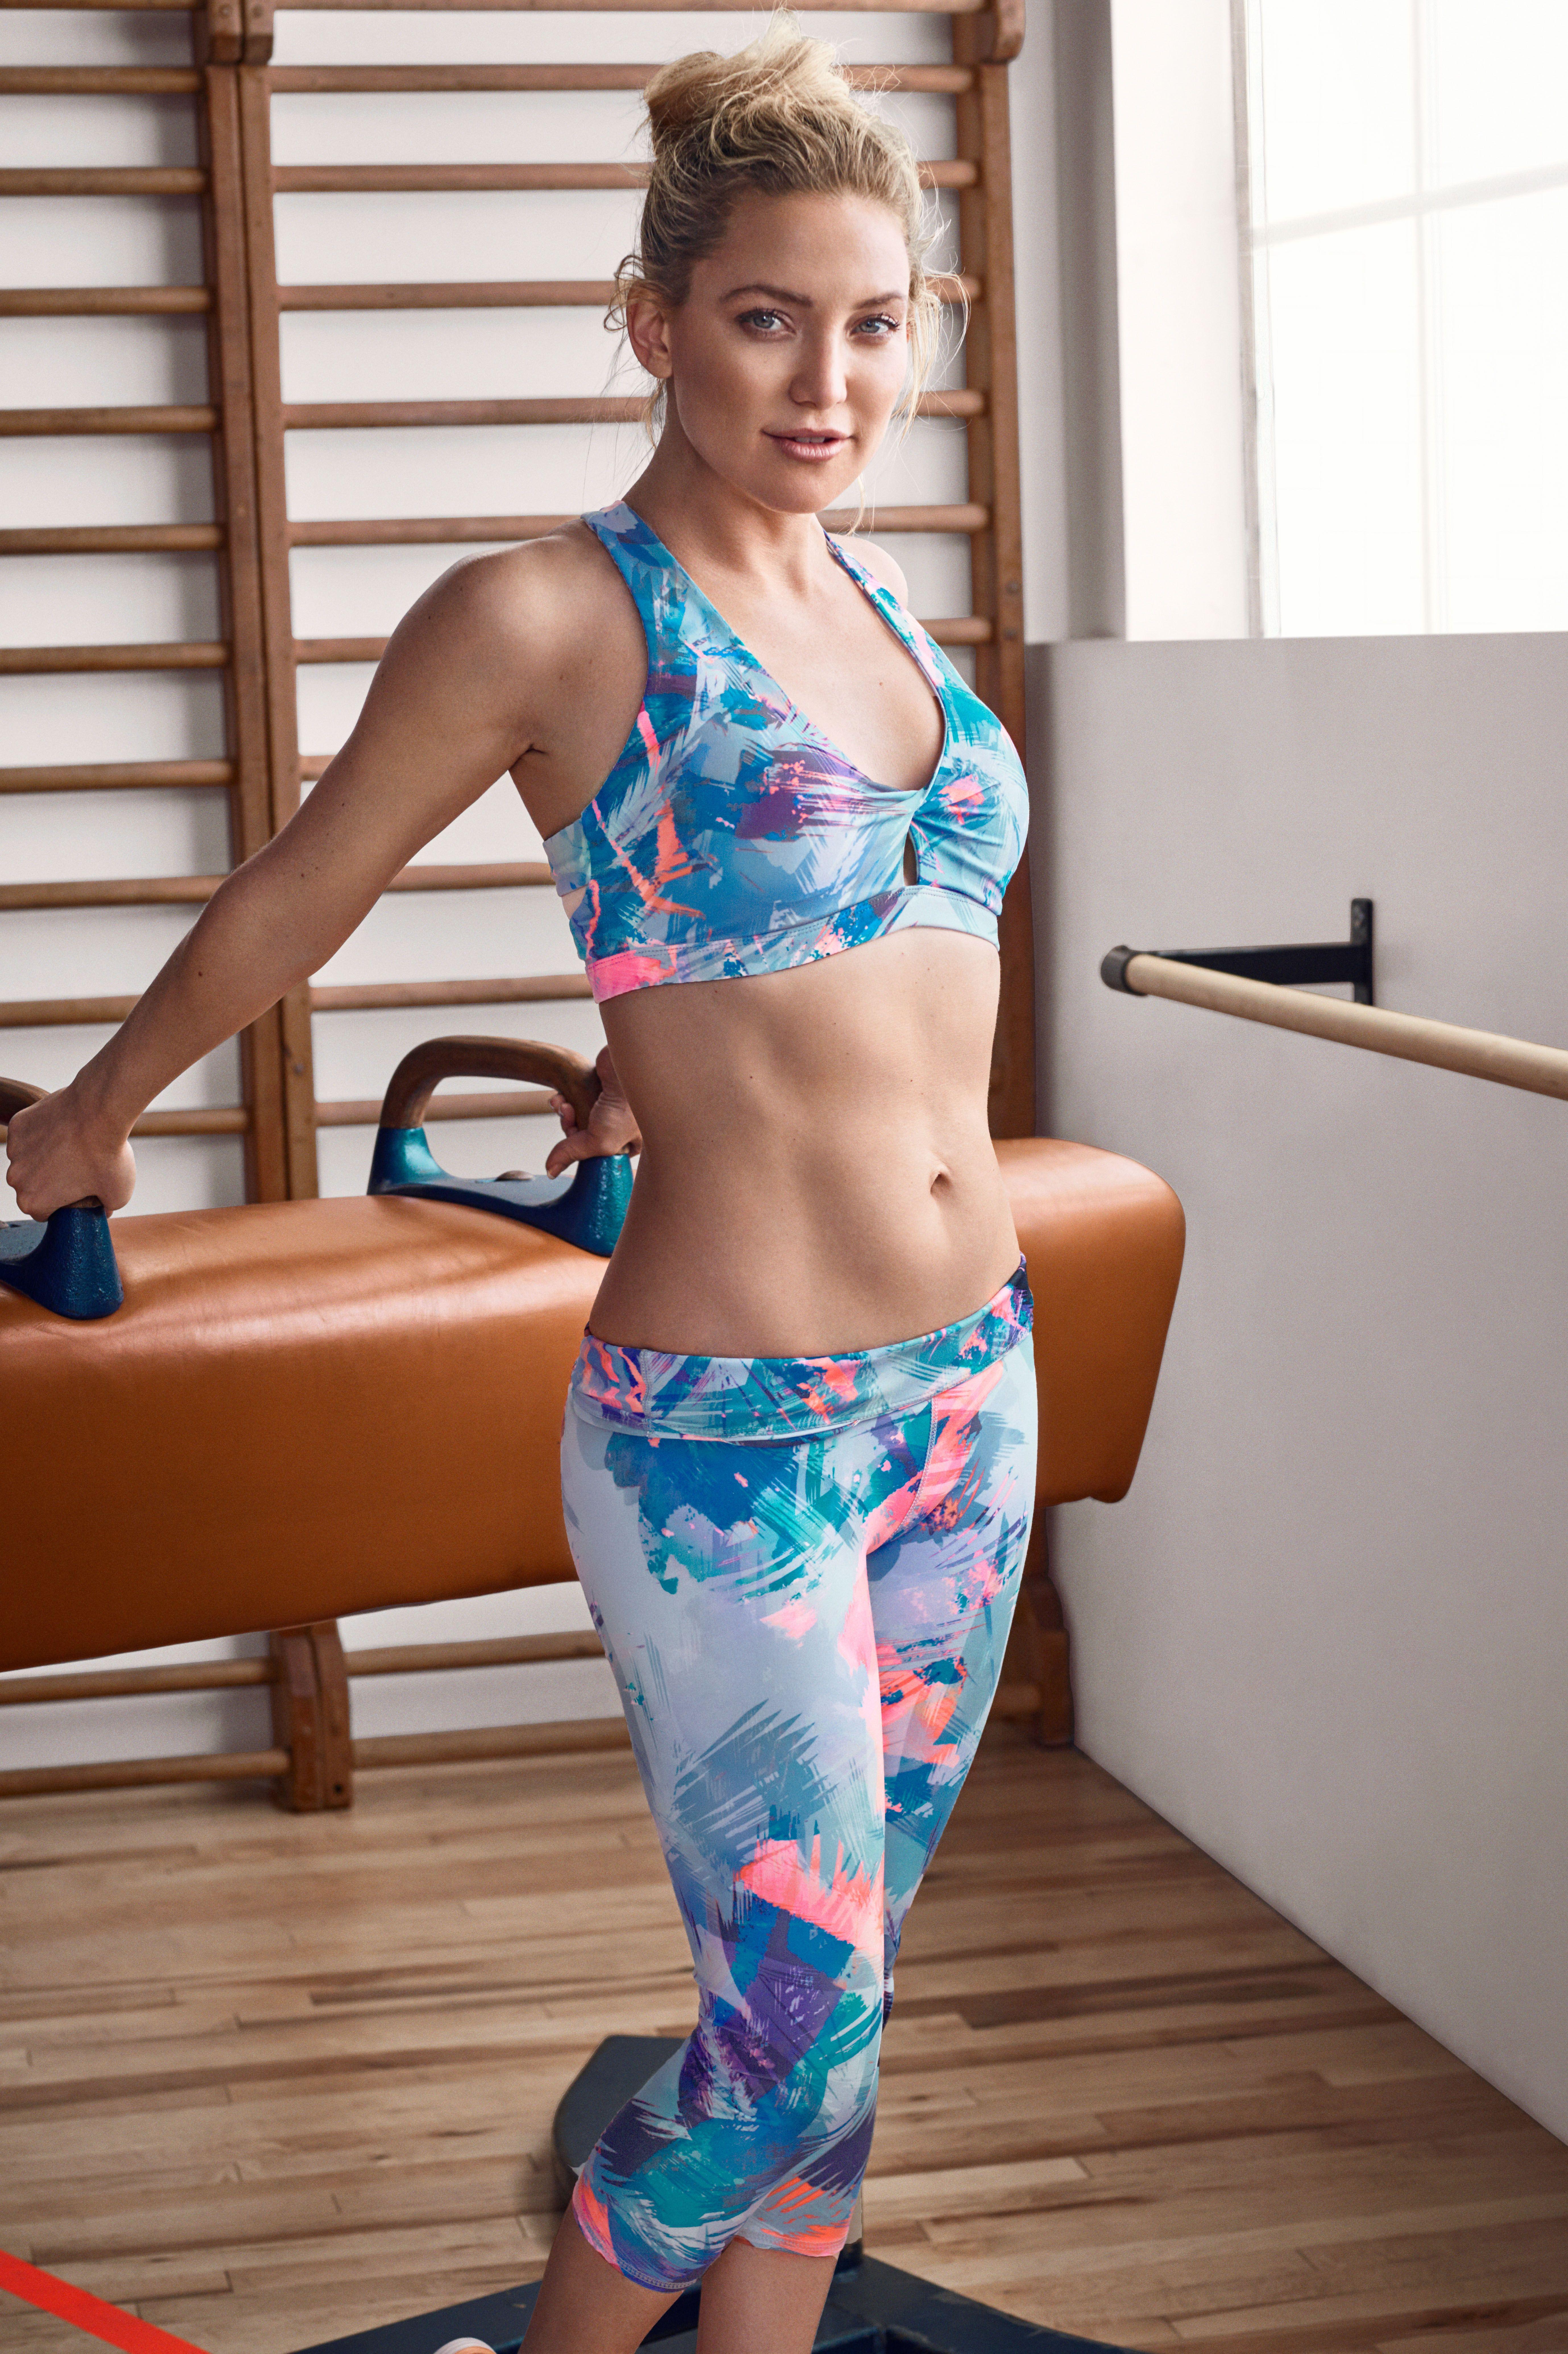 Une tenue sportive ultra tendance pour des entraînements au top. La  brassière et le legging ont l imprimé Mist Ombre. La matière stretch est  adaptée et vous ... 1aeb7cefe03